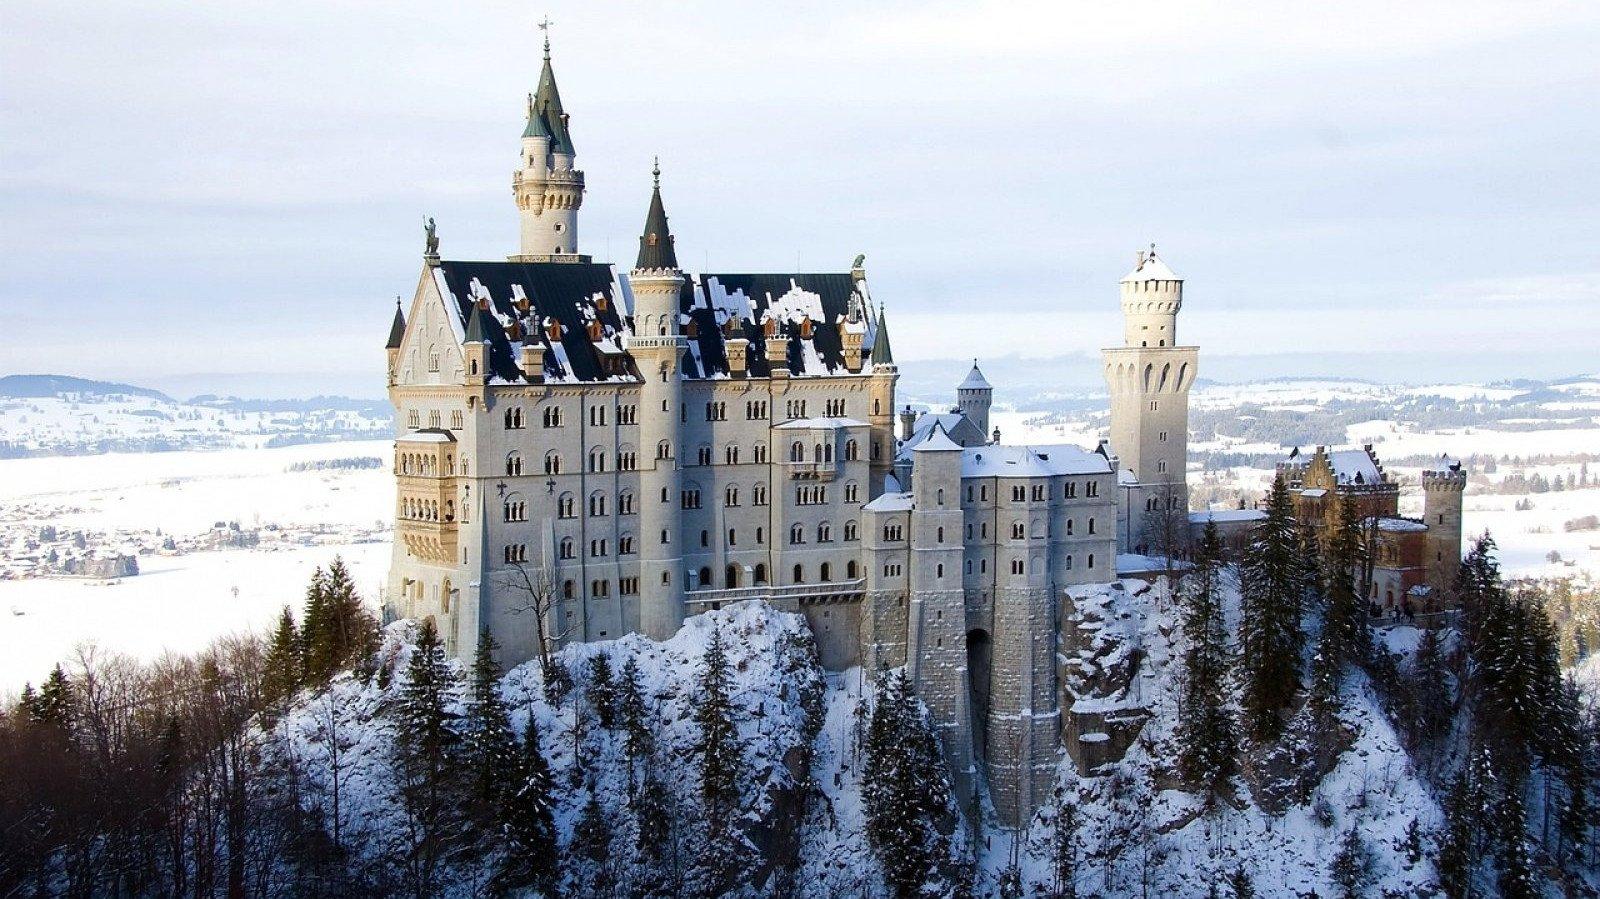 El precioso castillo de Neuschwanstein.